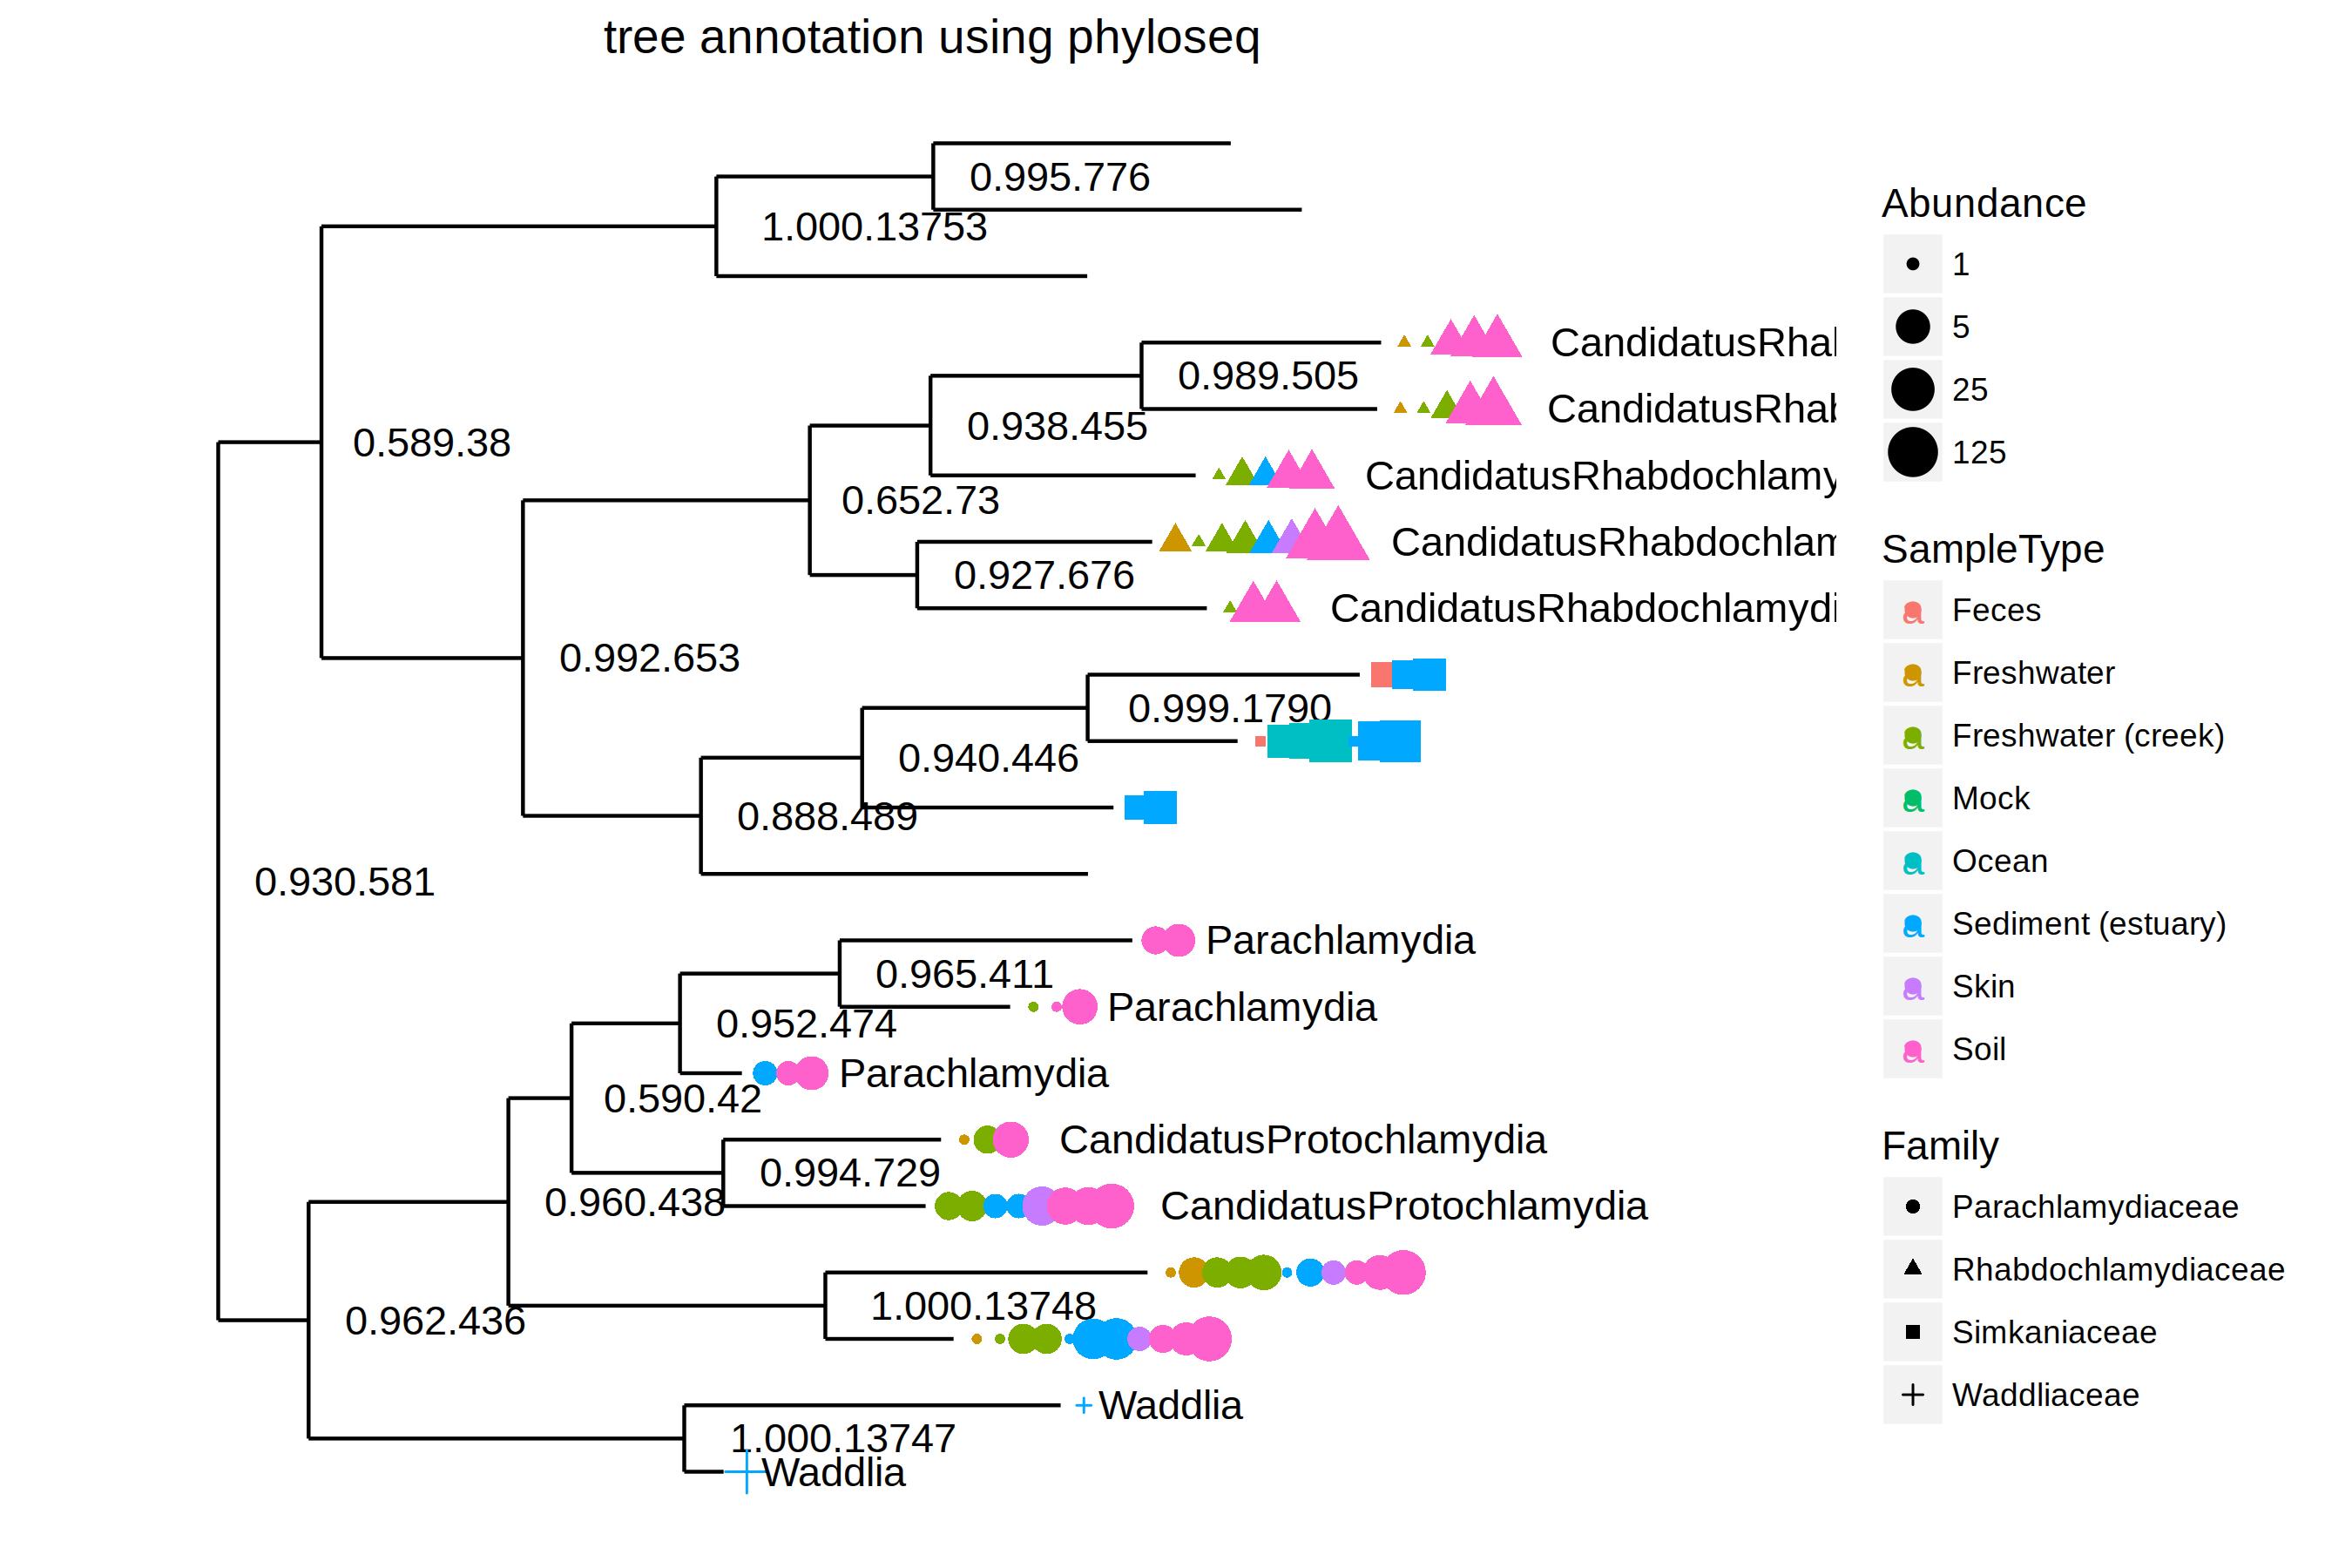 G微生物组数据树